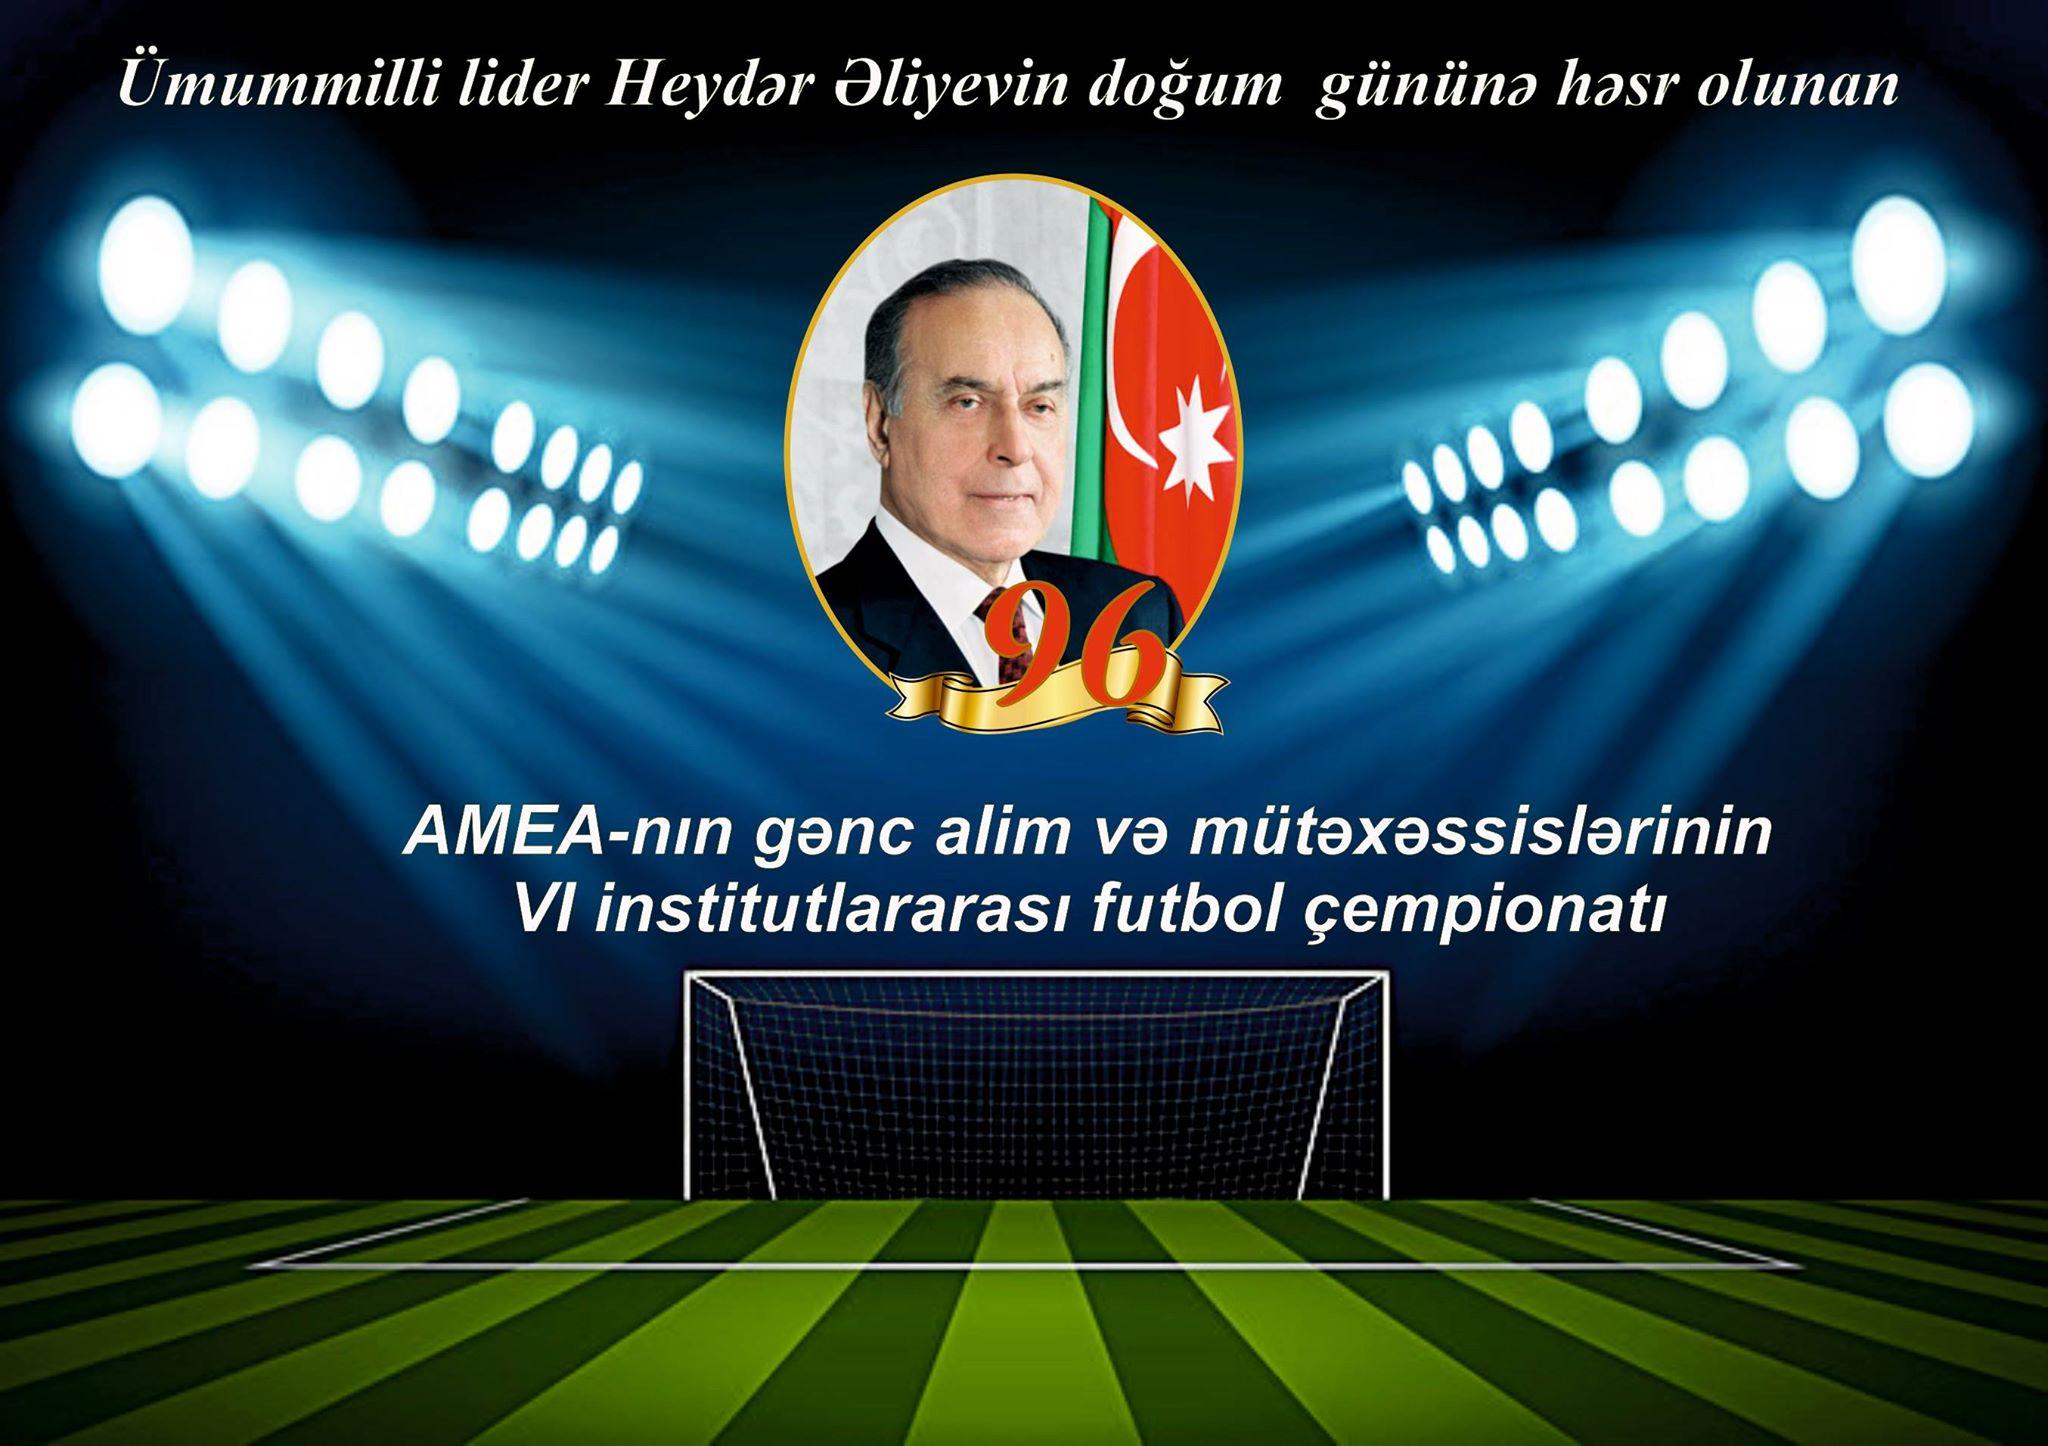 AMEA gənc alim və mütəxəssislərin VI Futbol Çempionatının qrup oyunlarında böyük hesablar qeydə alınıb